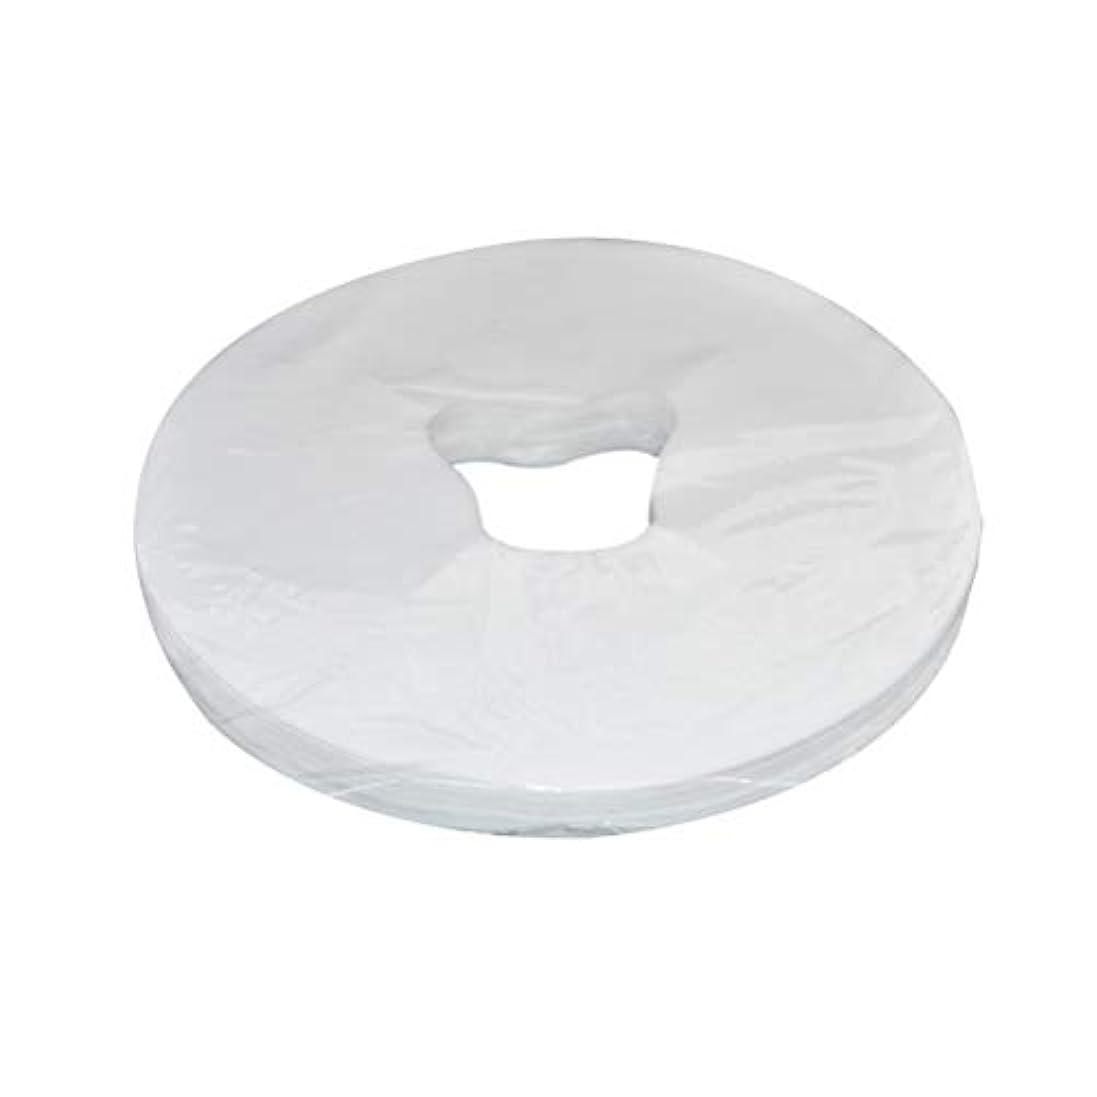 ハイランド知的意味SUPVOX 100シートマッサージフェイスレストカバー使い捨てフェイスクレードルカバーマッサージヘッドレストカバーSPA美容院マッサージタトゥーホテルマットレスカバー29×28 cm(ホワイト)